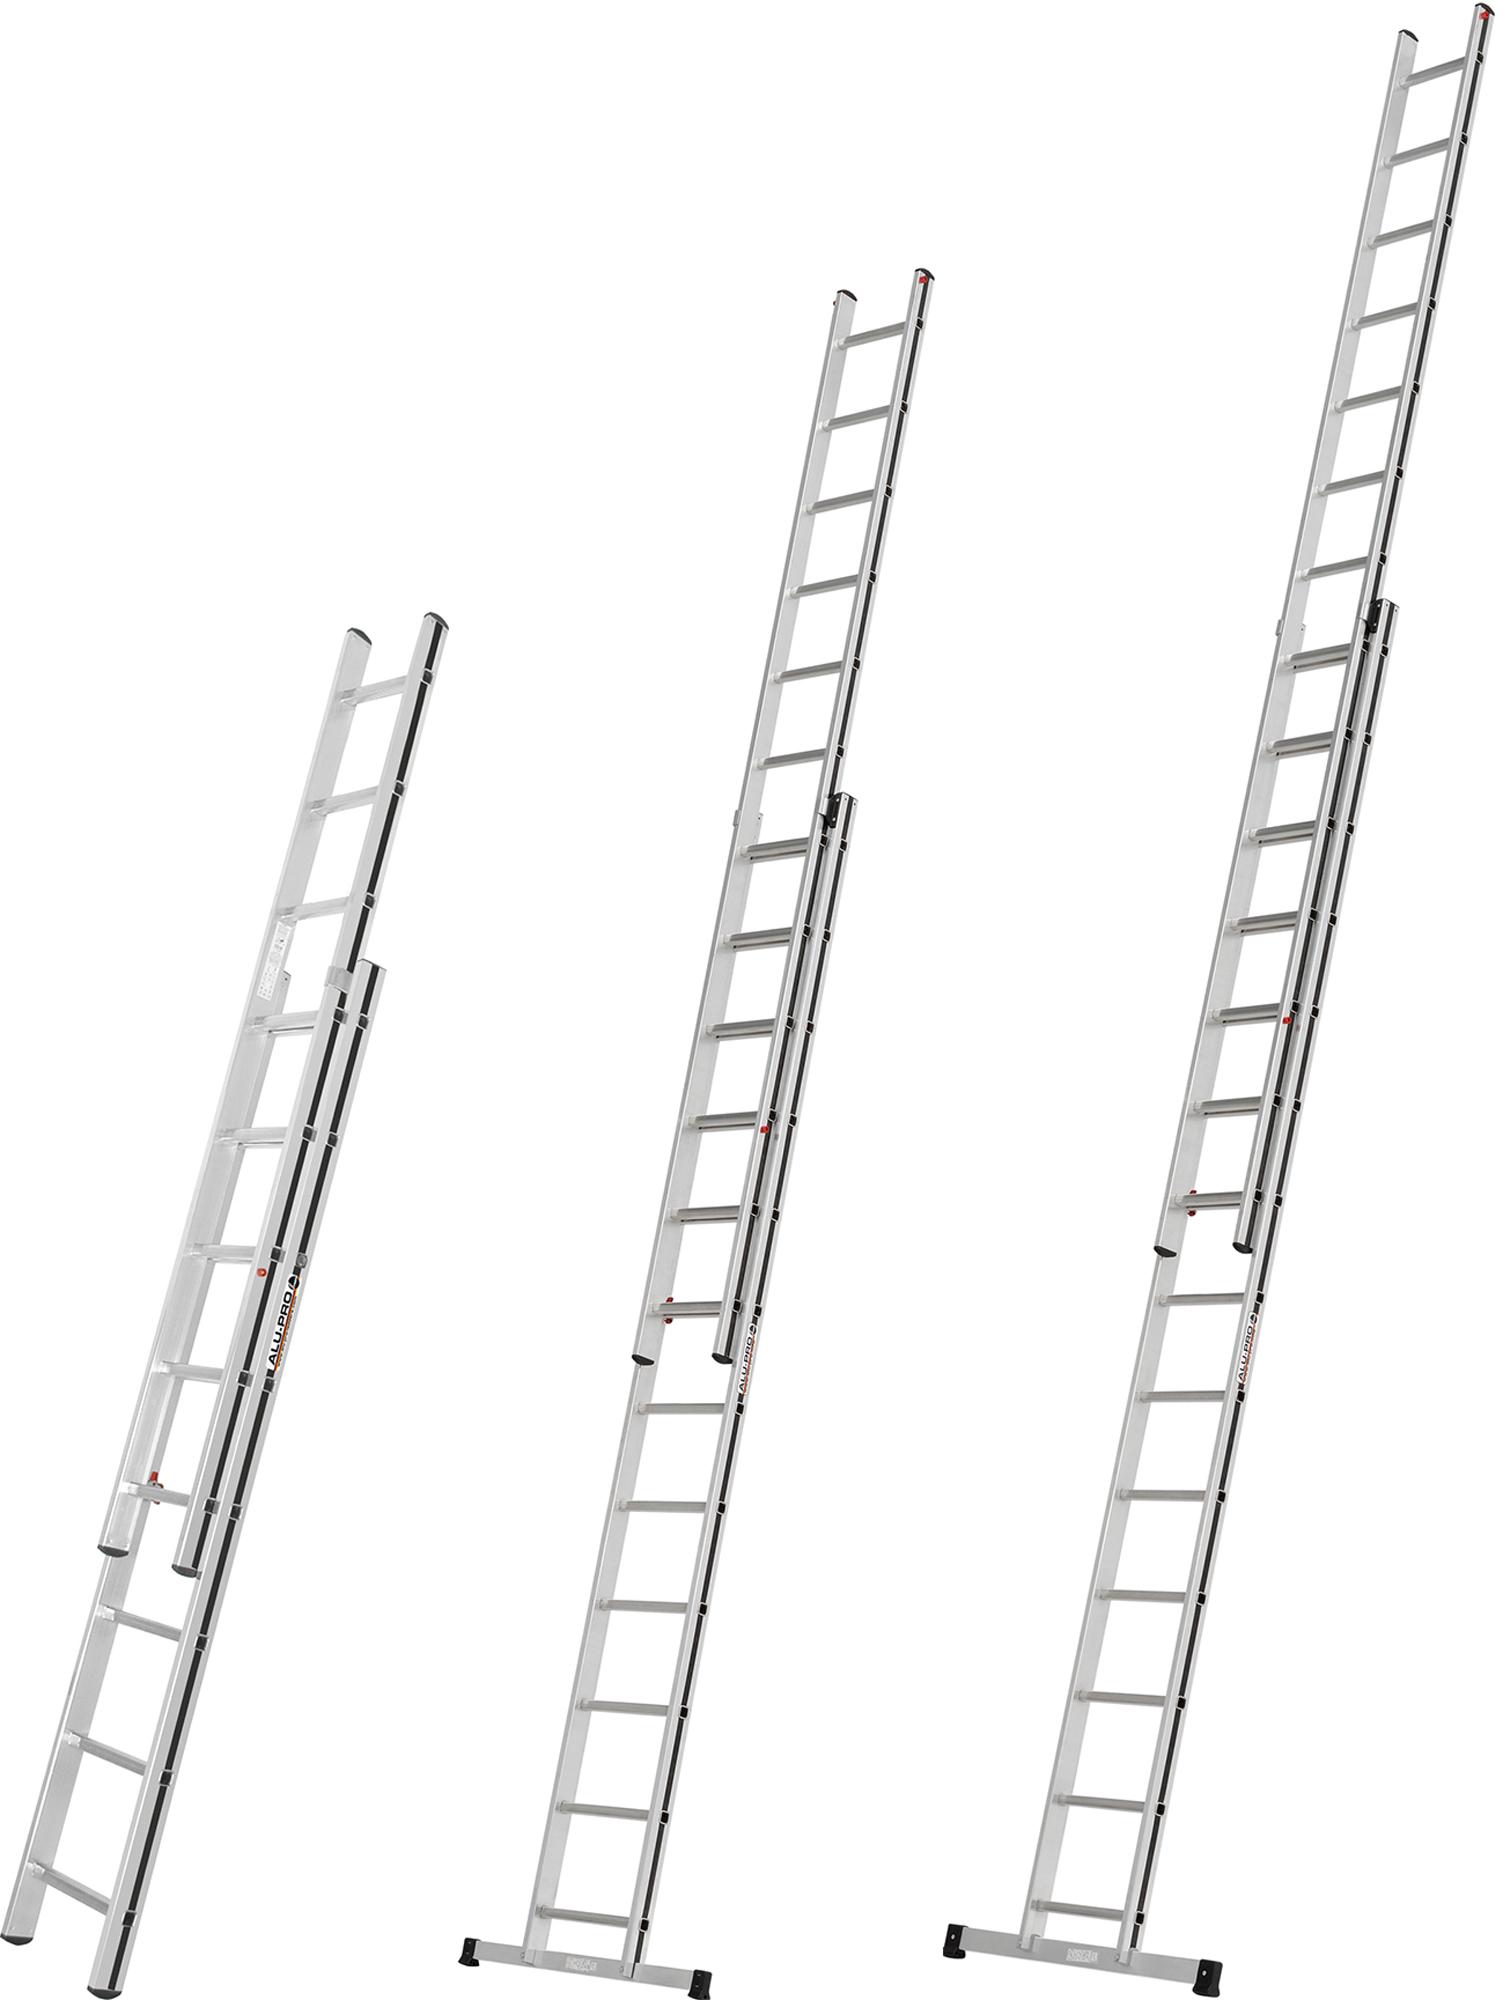 Hymer Alu-Pro Schiebeleiter 2-teilig 2x8 - 2x14 Sprossen